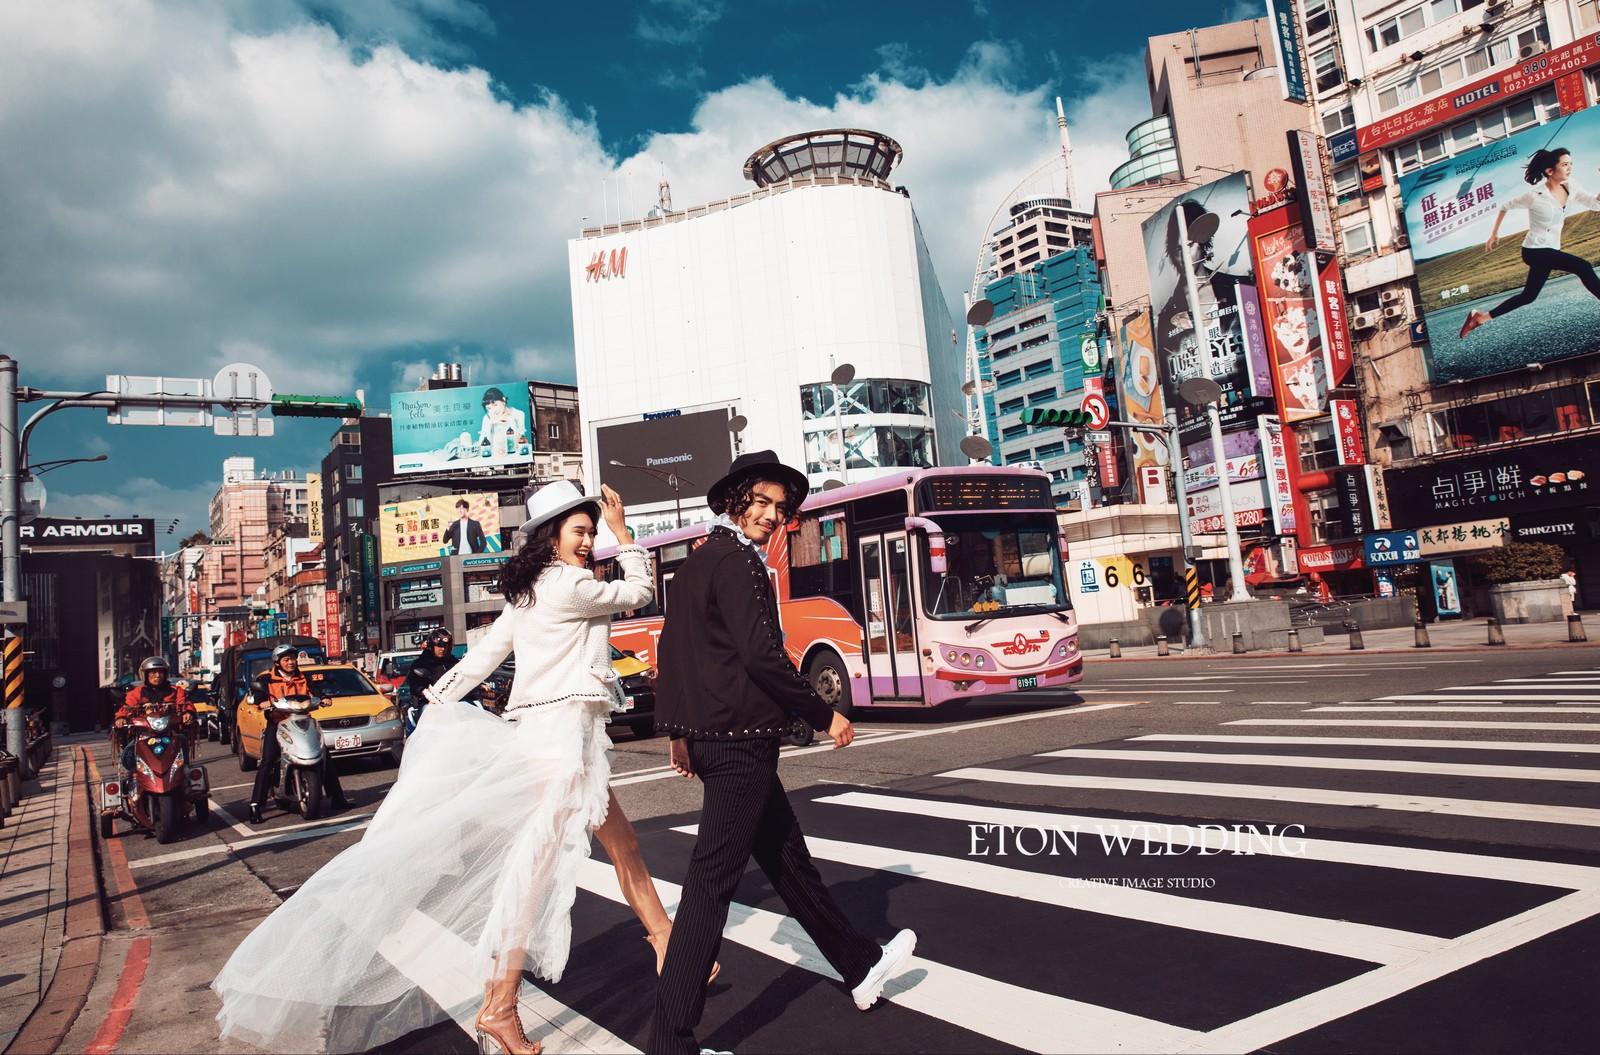 拍婚紗照,婚紗照風格,婚紗照價格,婚紗攝影價格,拍婚紗價格,時尚街拍